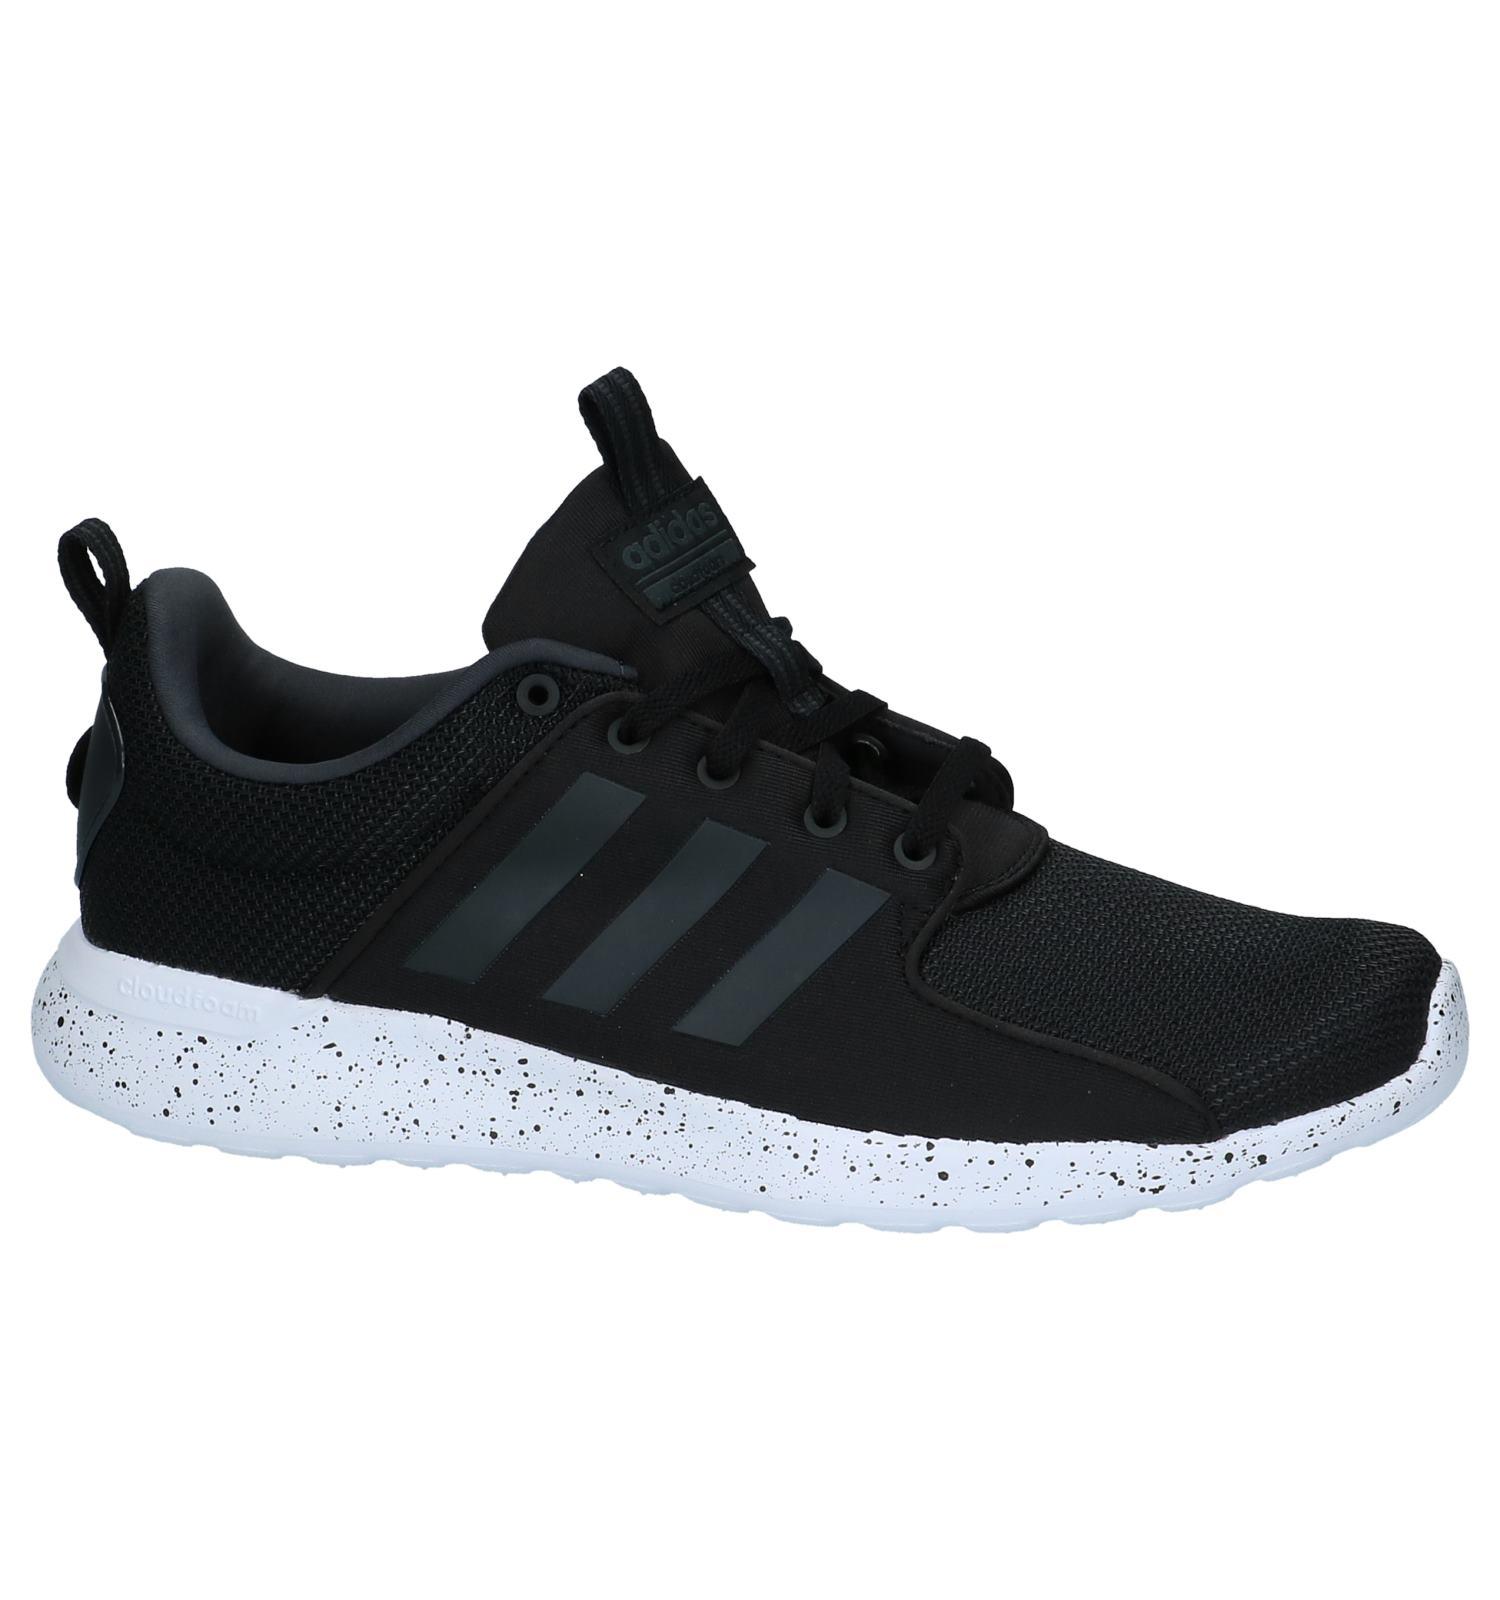 hot sales 328a1 500a0 Zwarte Runner Sneakers adidas Cloudfoam Lite Racer  TORFS.BE  Gratis  verzend en retour